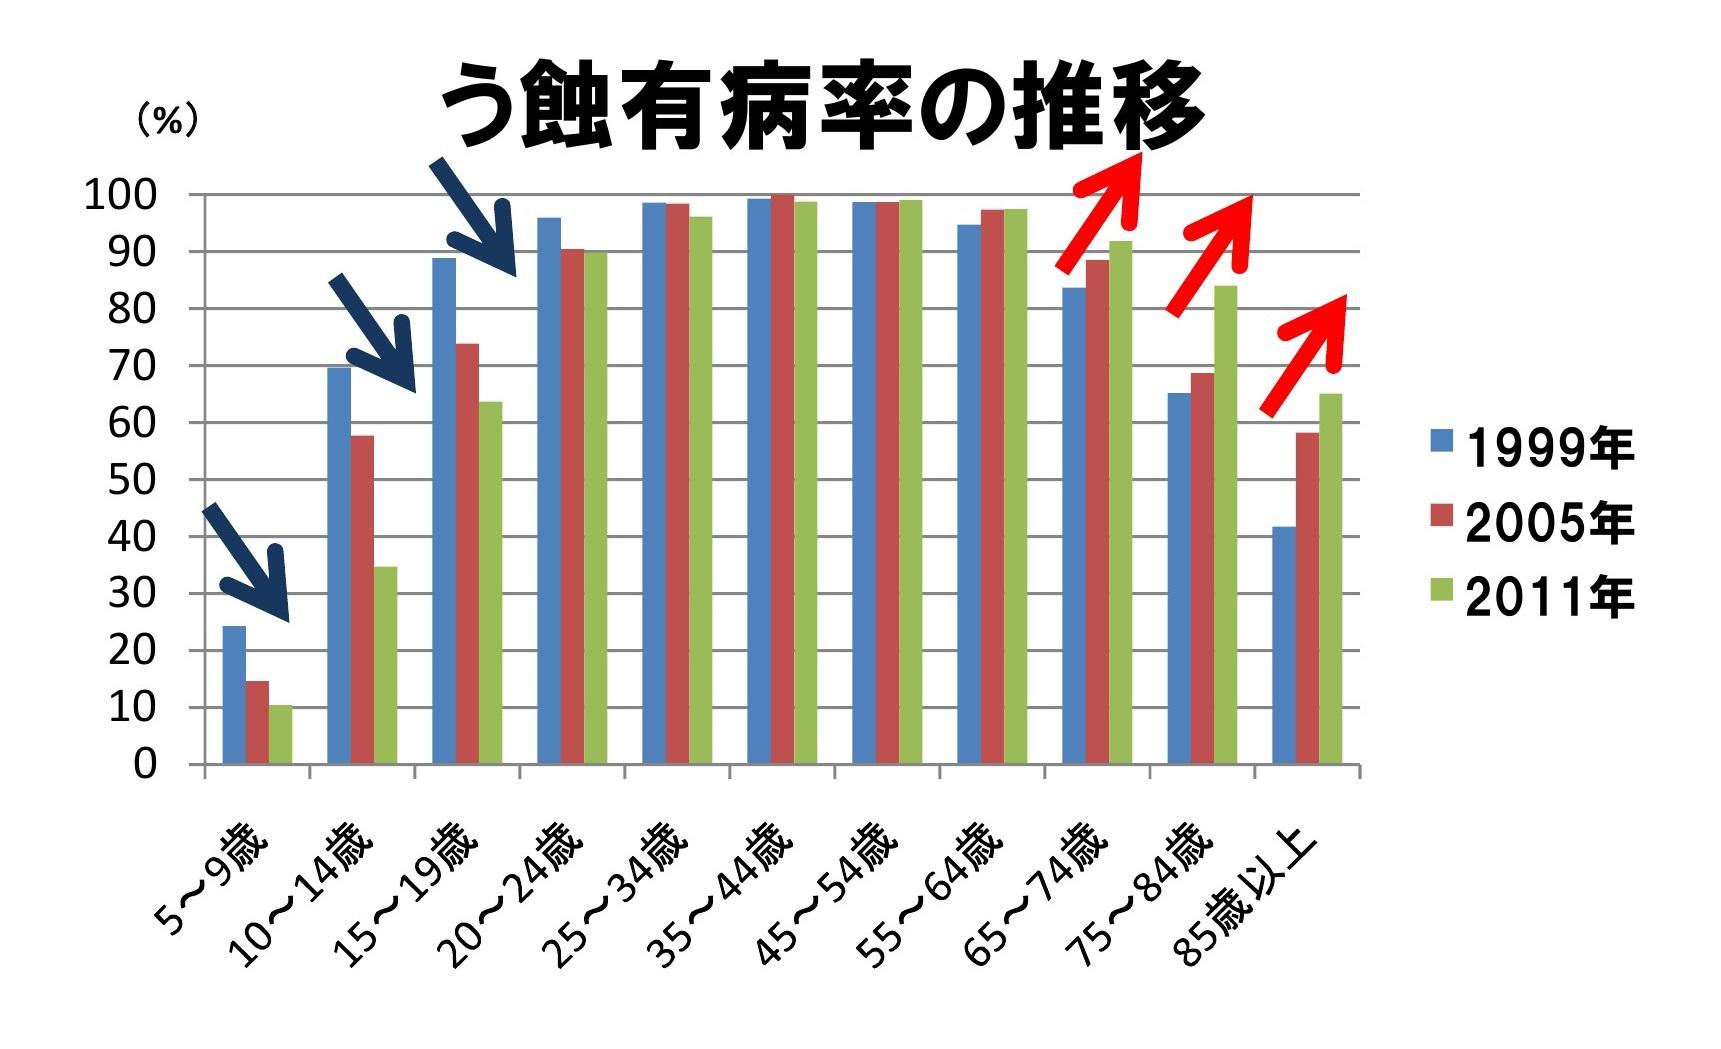 う蝕有病率の推移(1999年~2011年)